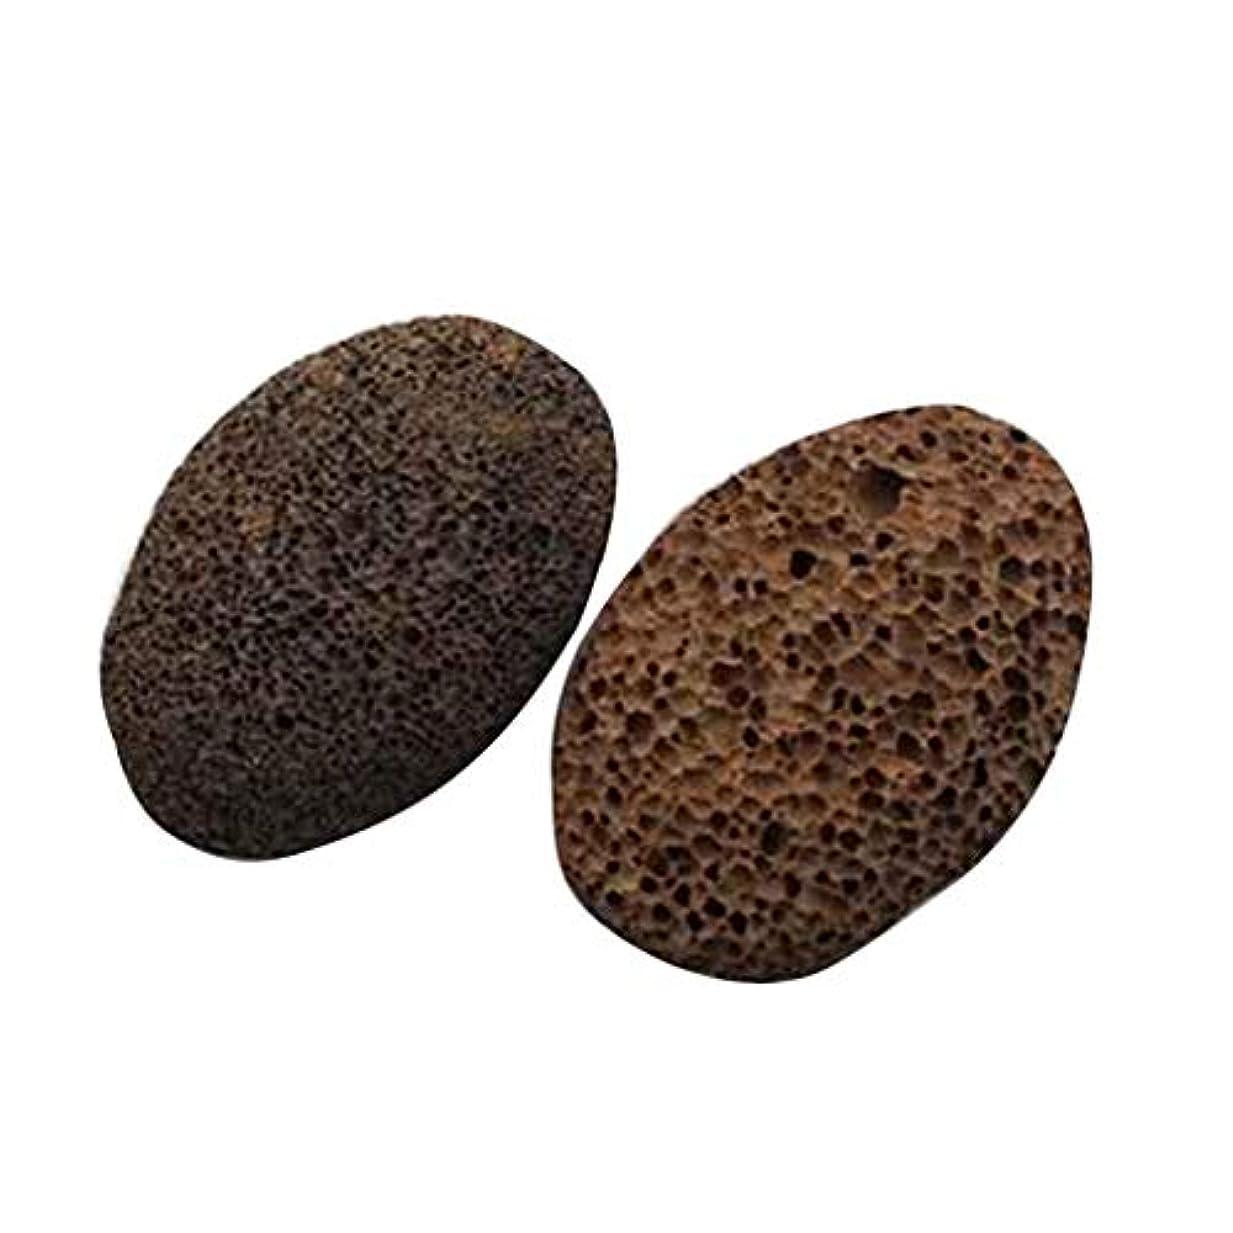 グリーンバック演劇好ましいNerhaily 死んだ皮軽石を取り除き 足石を挽いて 自然の火山石を剥がします 足マッサージ石 ワイプ足石 2個セット